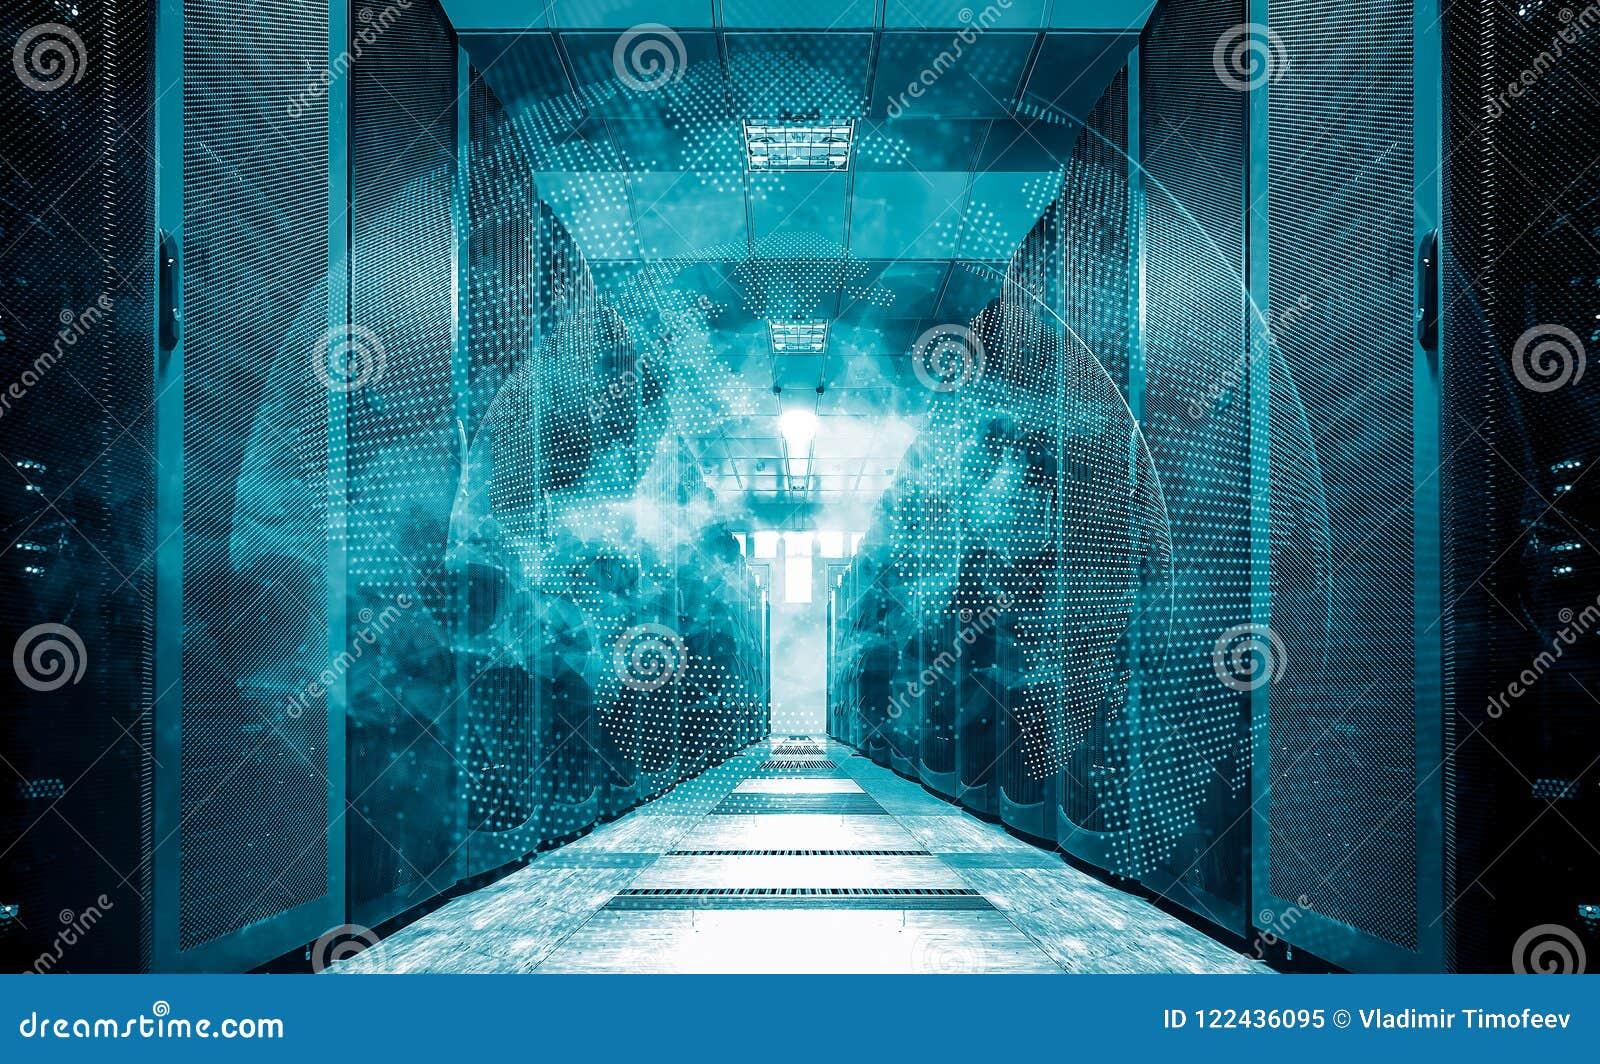 Digital white Earth network flying over server room data center